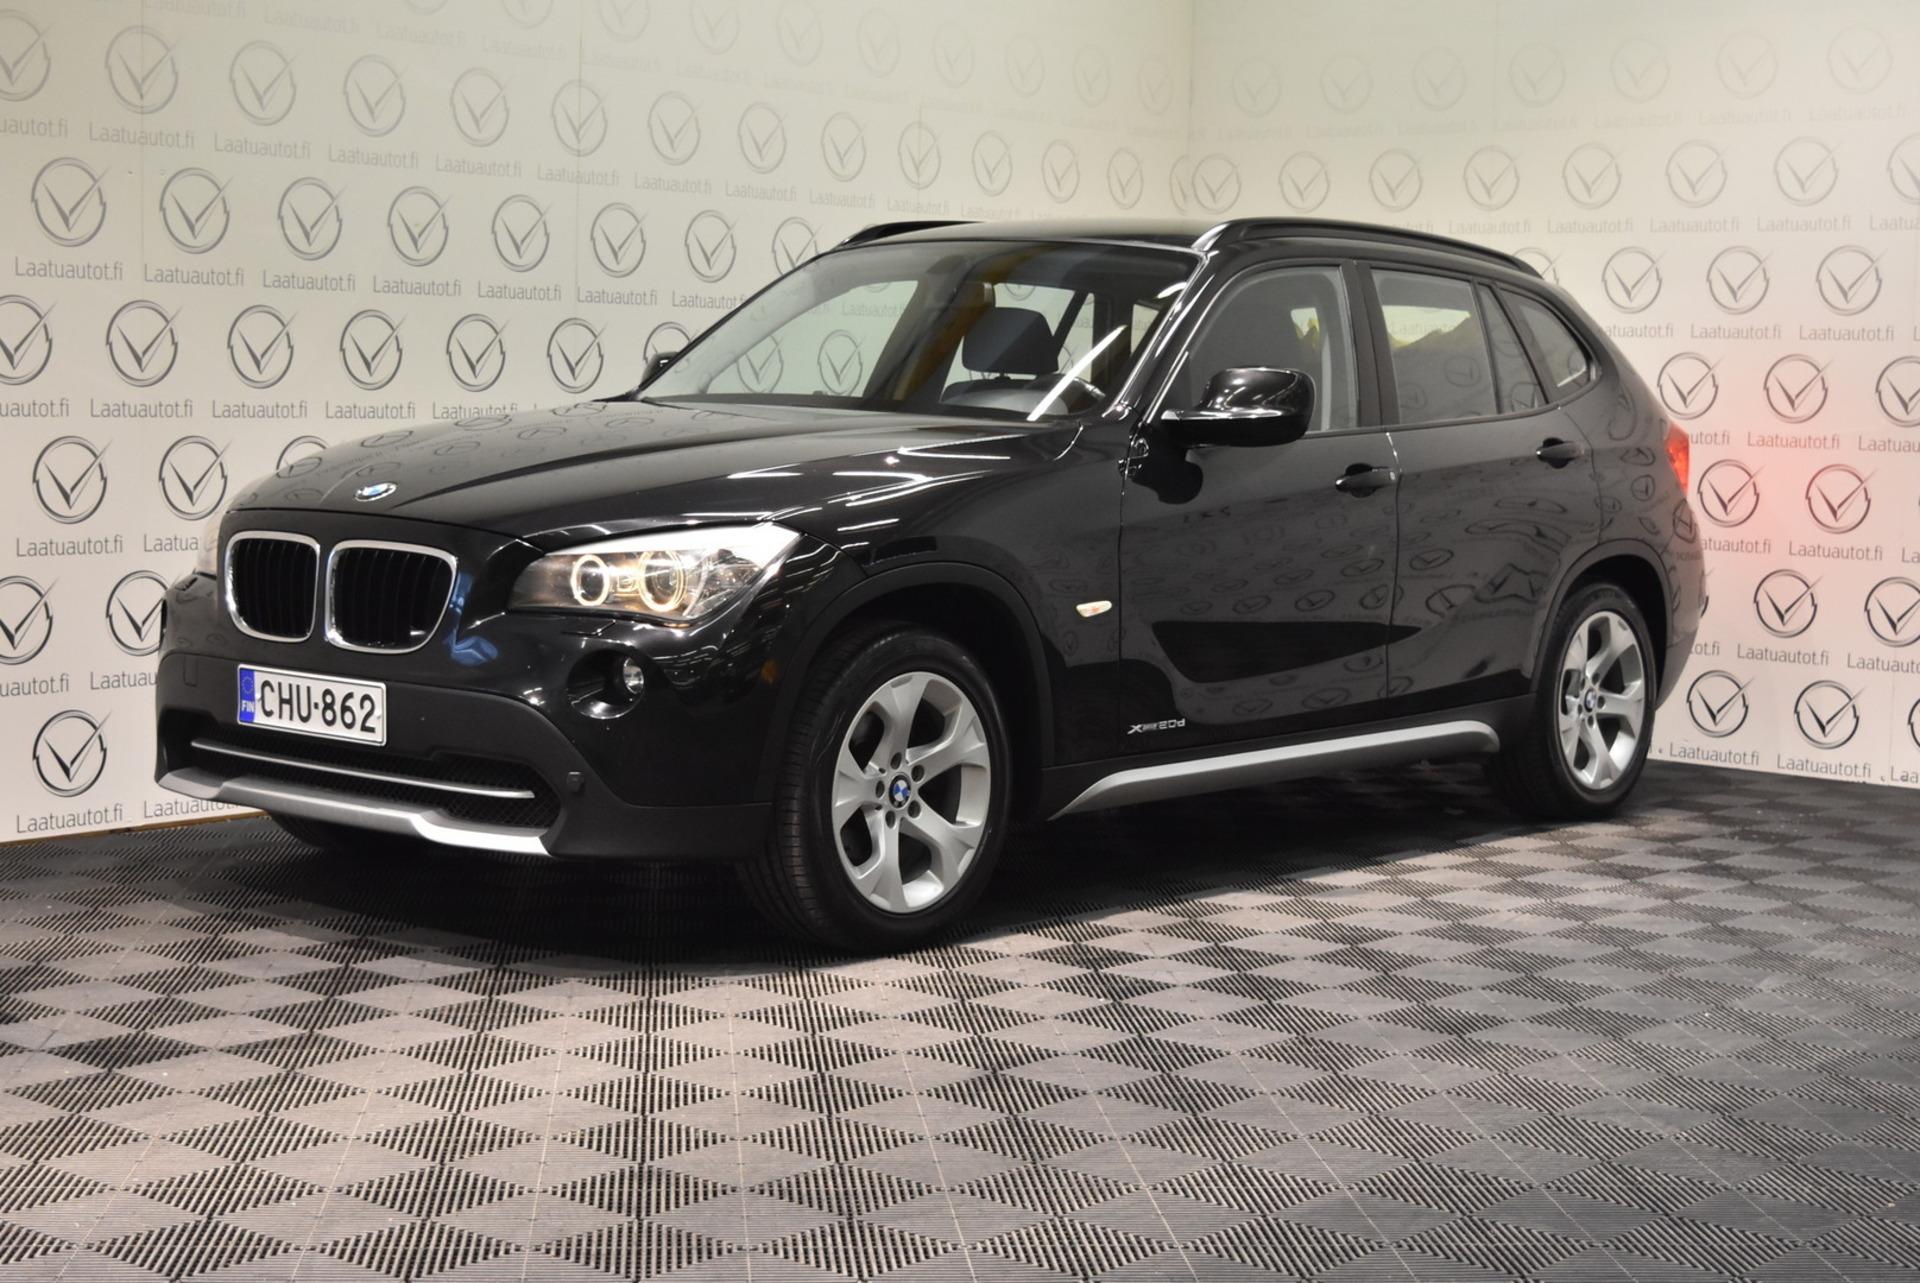 BMW X1 xDrive20d A E84 Business - Rahoitus 1.89% jopa ilman käsirahaa! Suomi-auto,  Cruise,  AutoAc,  Xenon